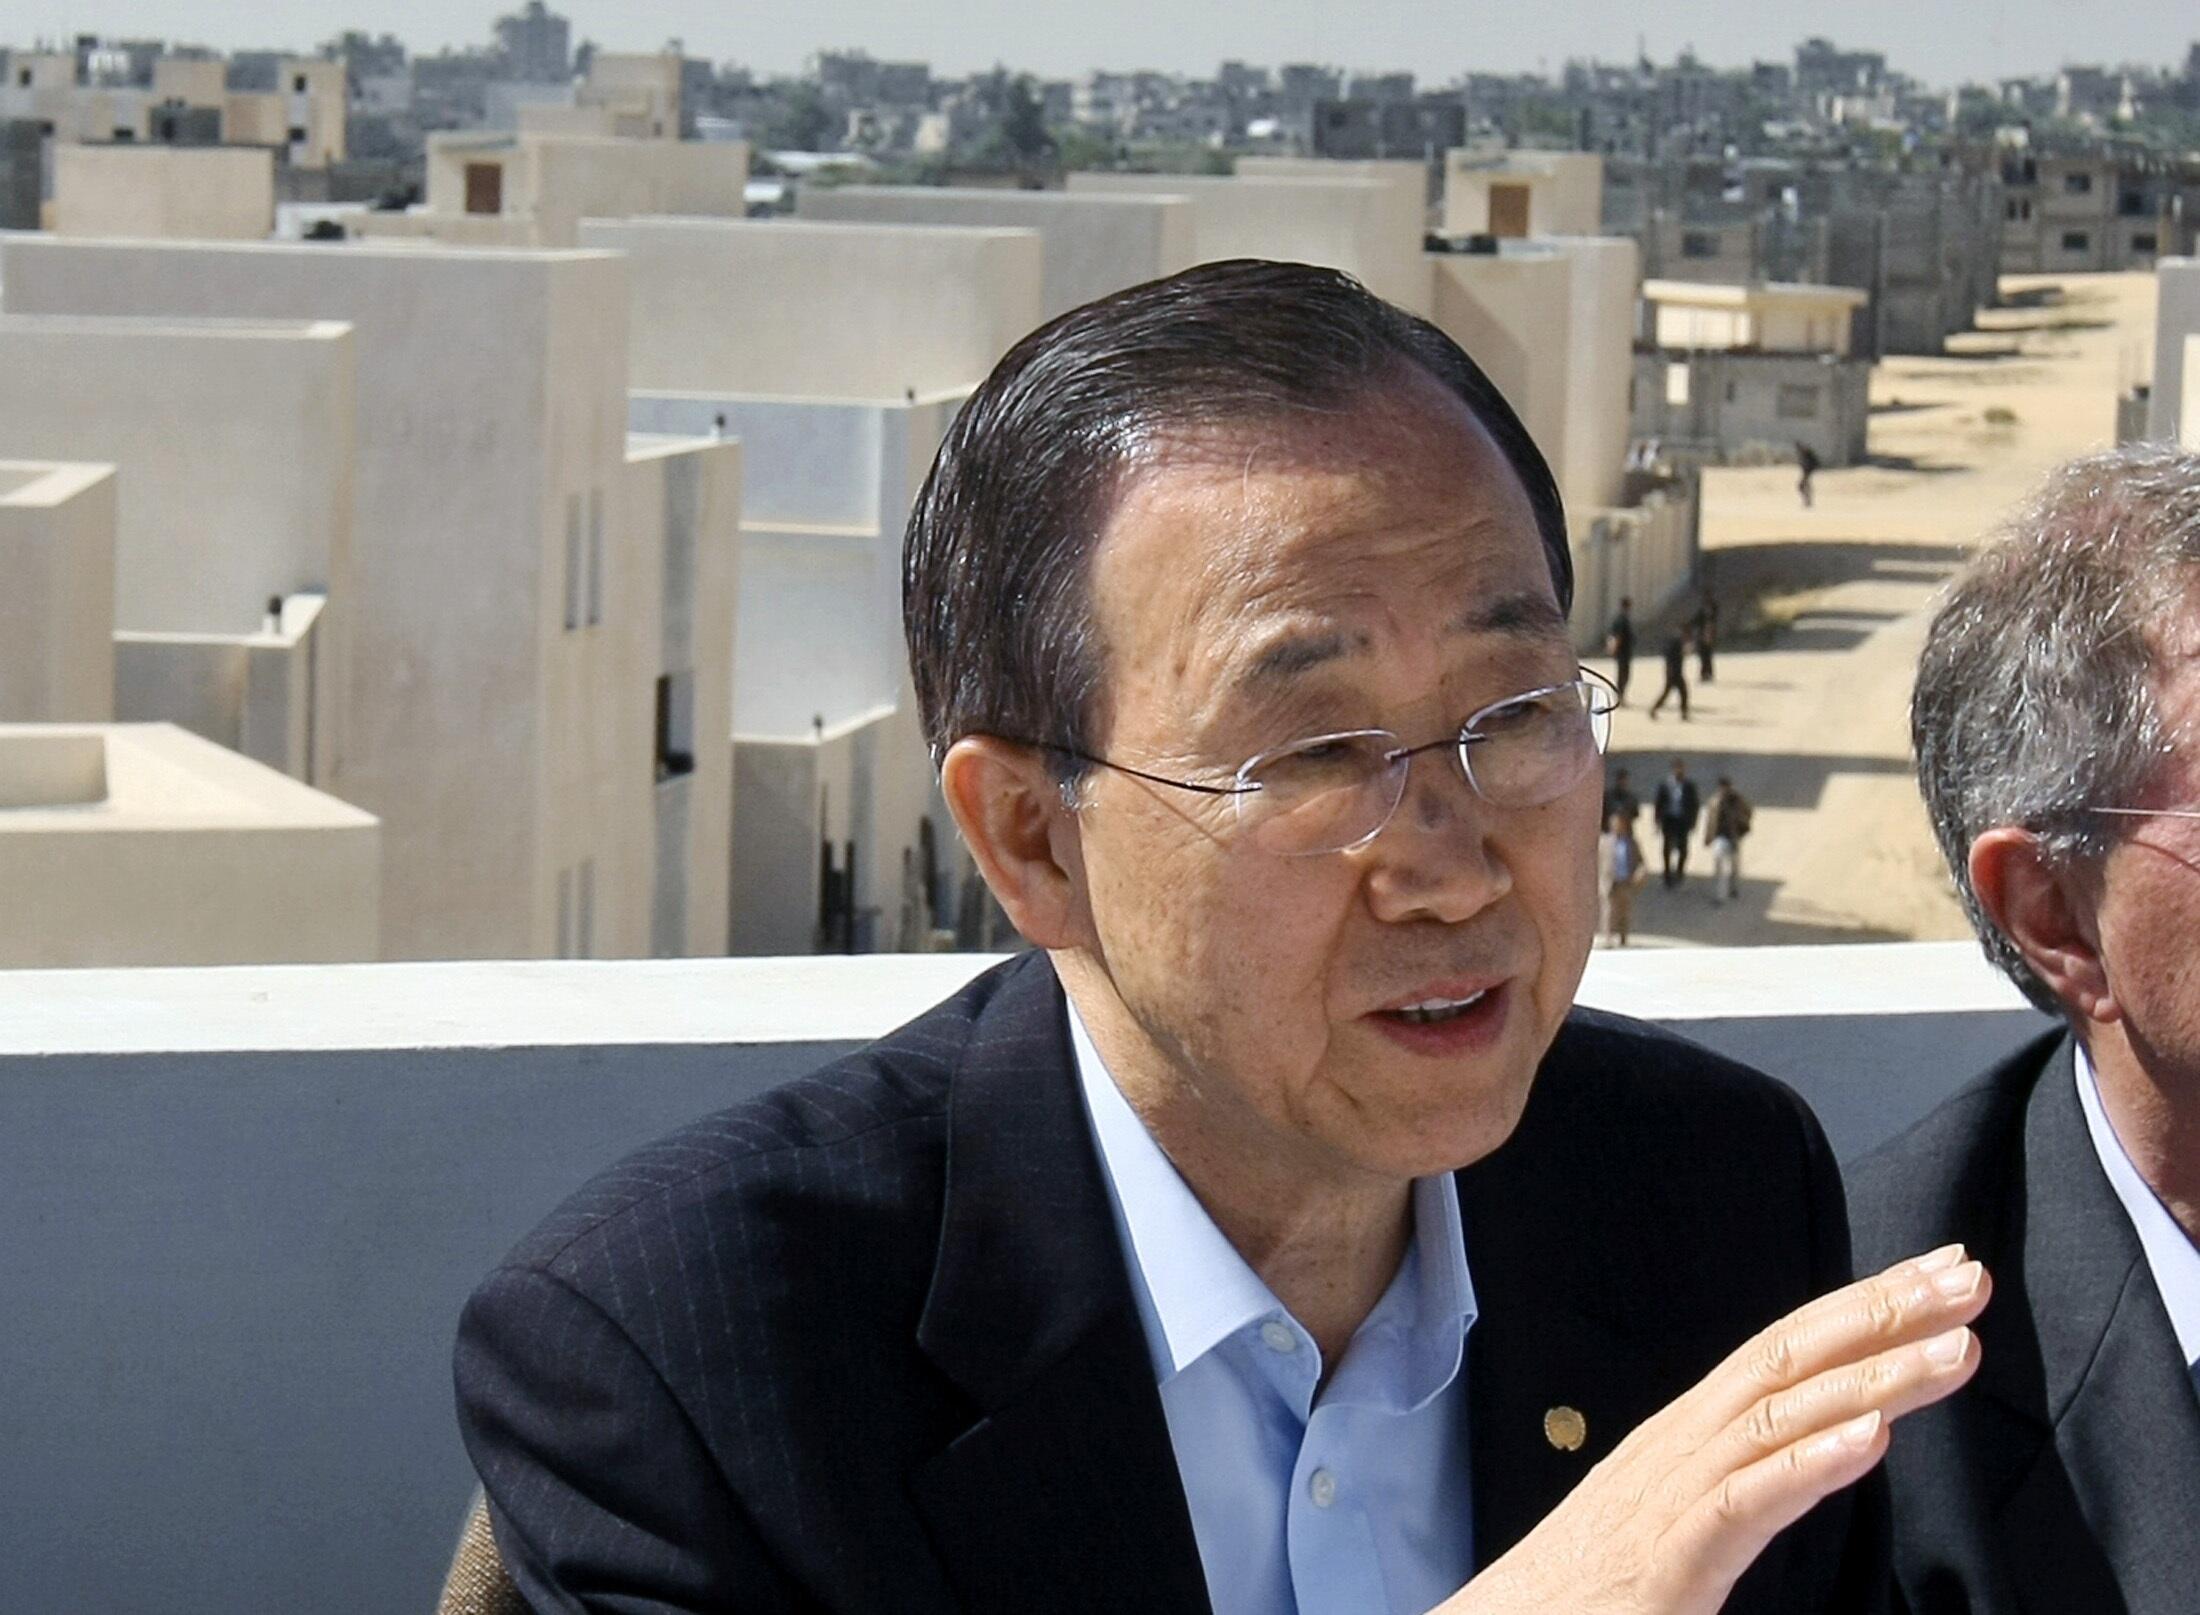 Tổng thư ký LHQ Ban Ki Moon nói chuyện với các nhà báo tại dải Gaza, ngày 21/03/2010